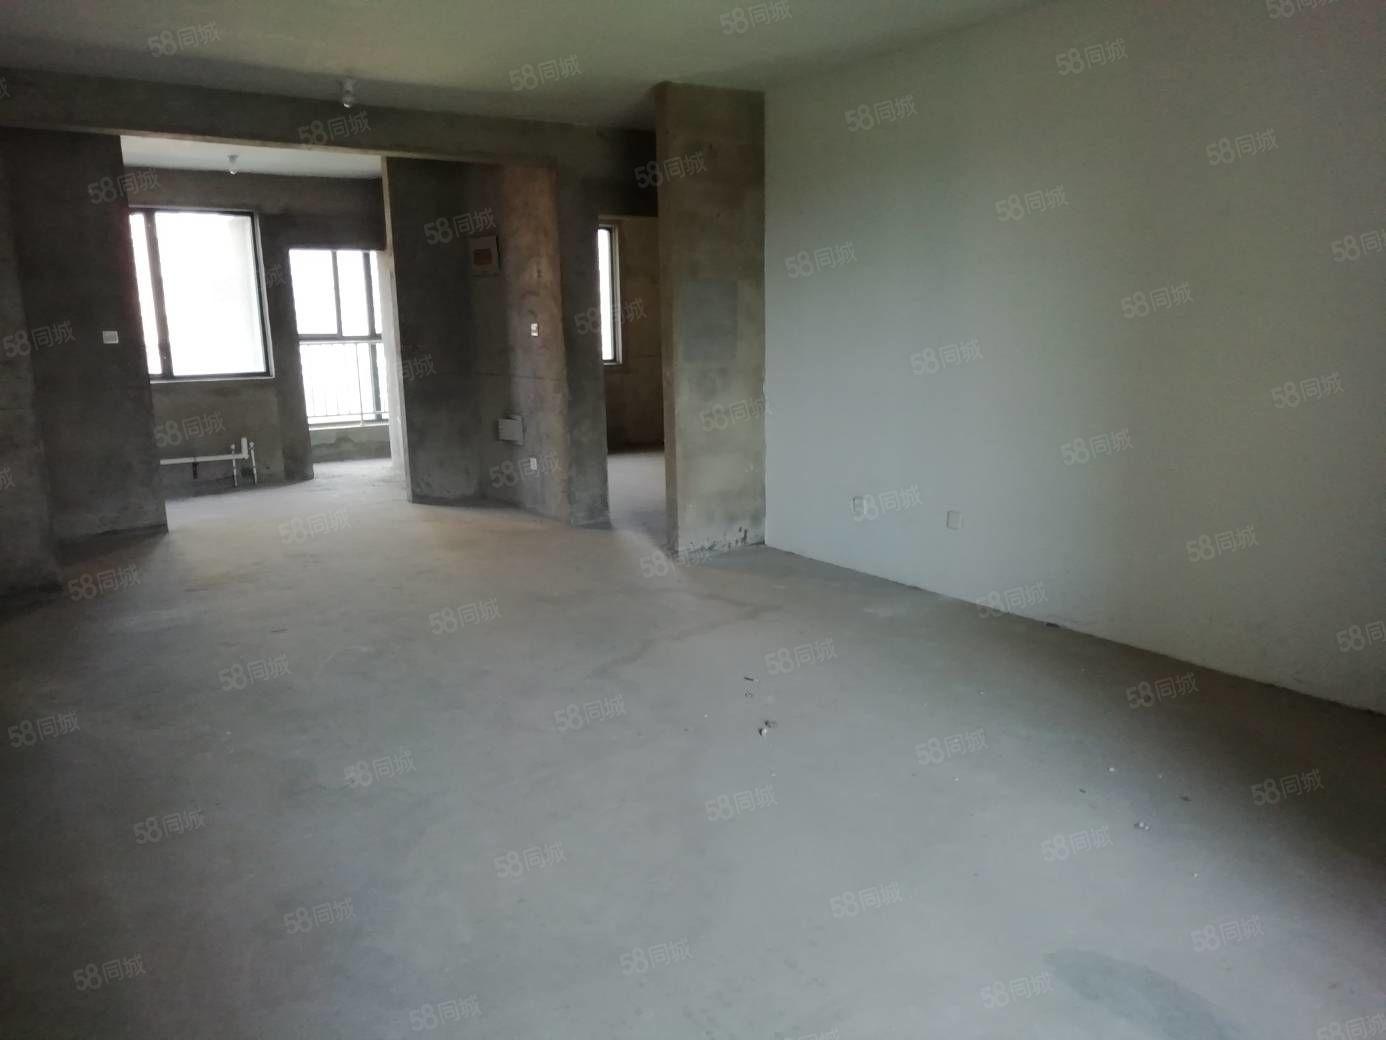 新房團購即將開盤新樓盤位置優越價格很合適4